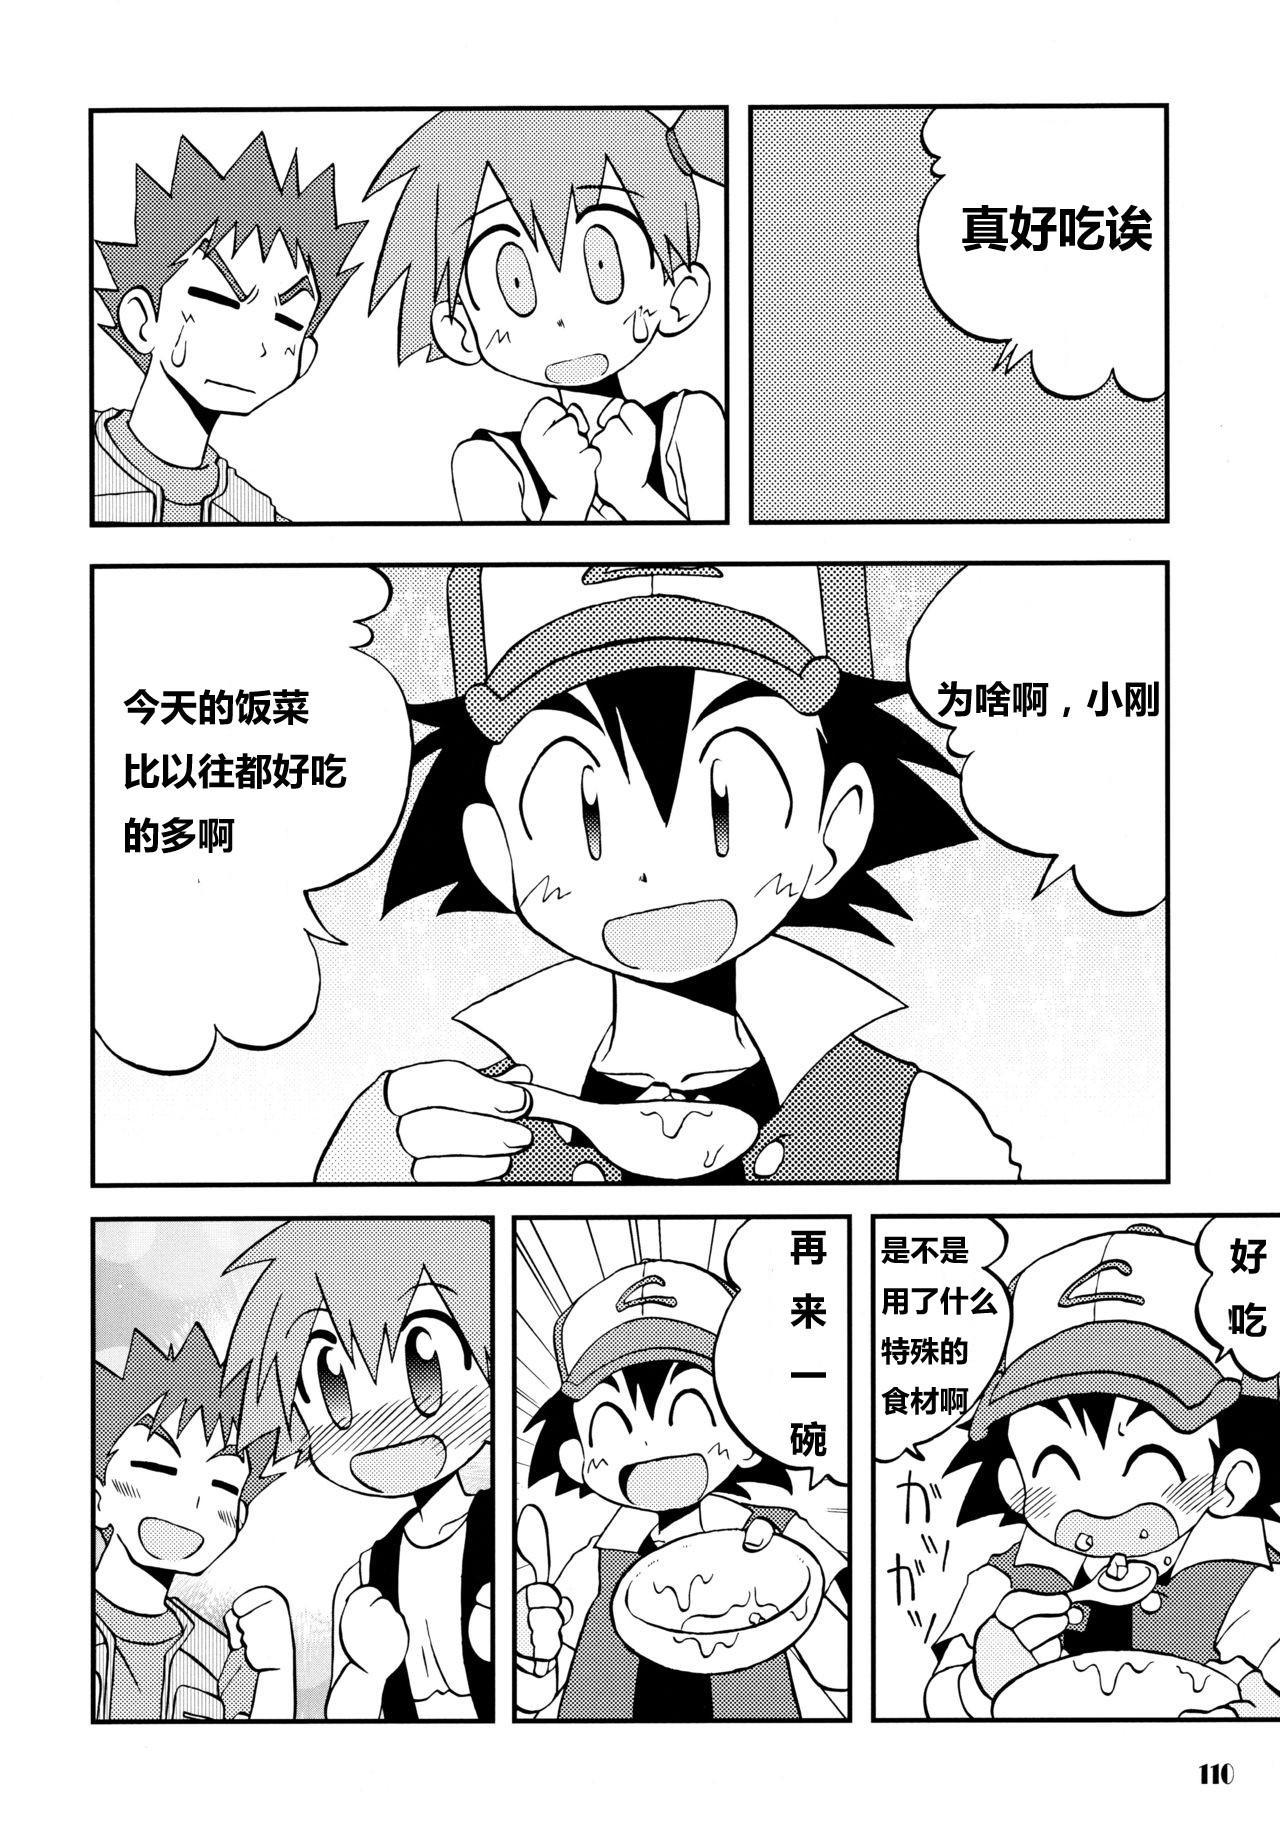 Kieteshimai souna Yume kotobanisureba 20